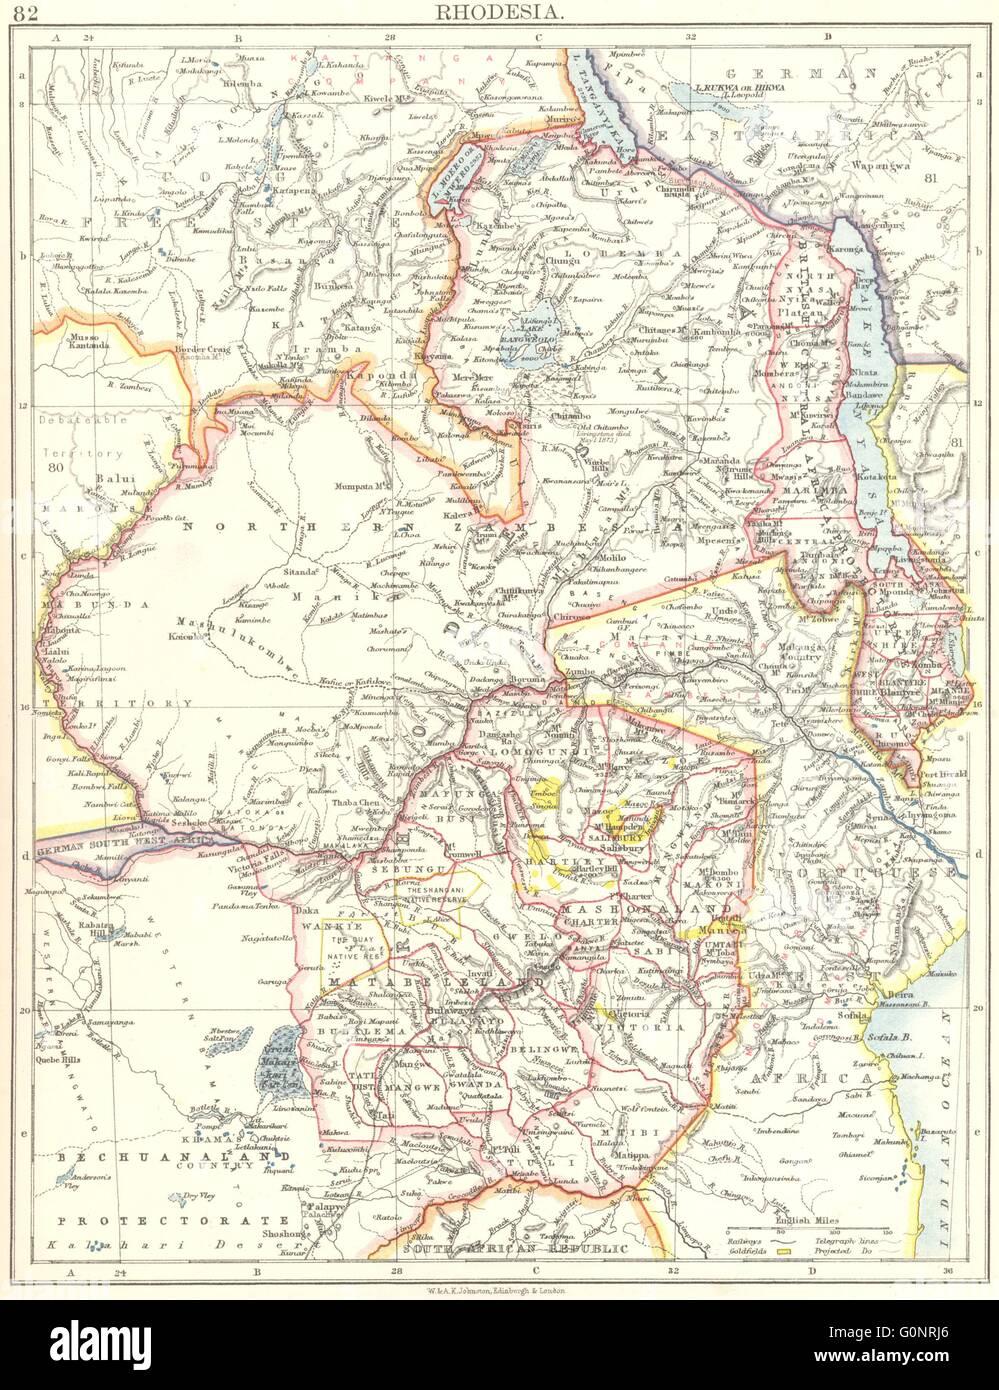 RHODESIA. Goldfields (yellow). Zambesia. Zambia Malawi Zimbabwe, 1899 old map - Stock Image